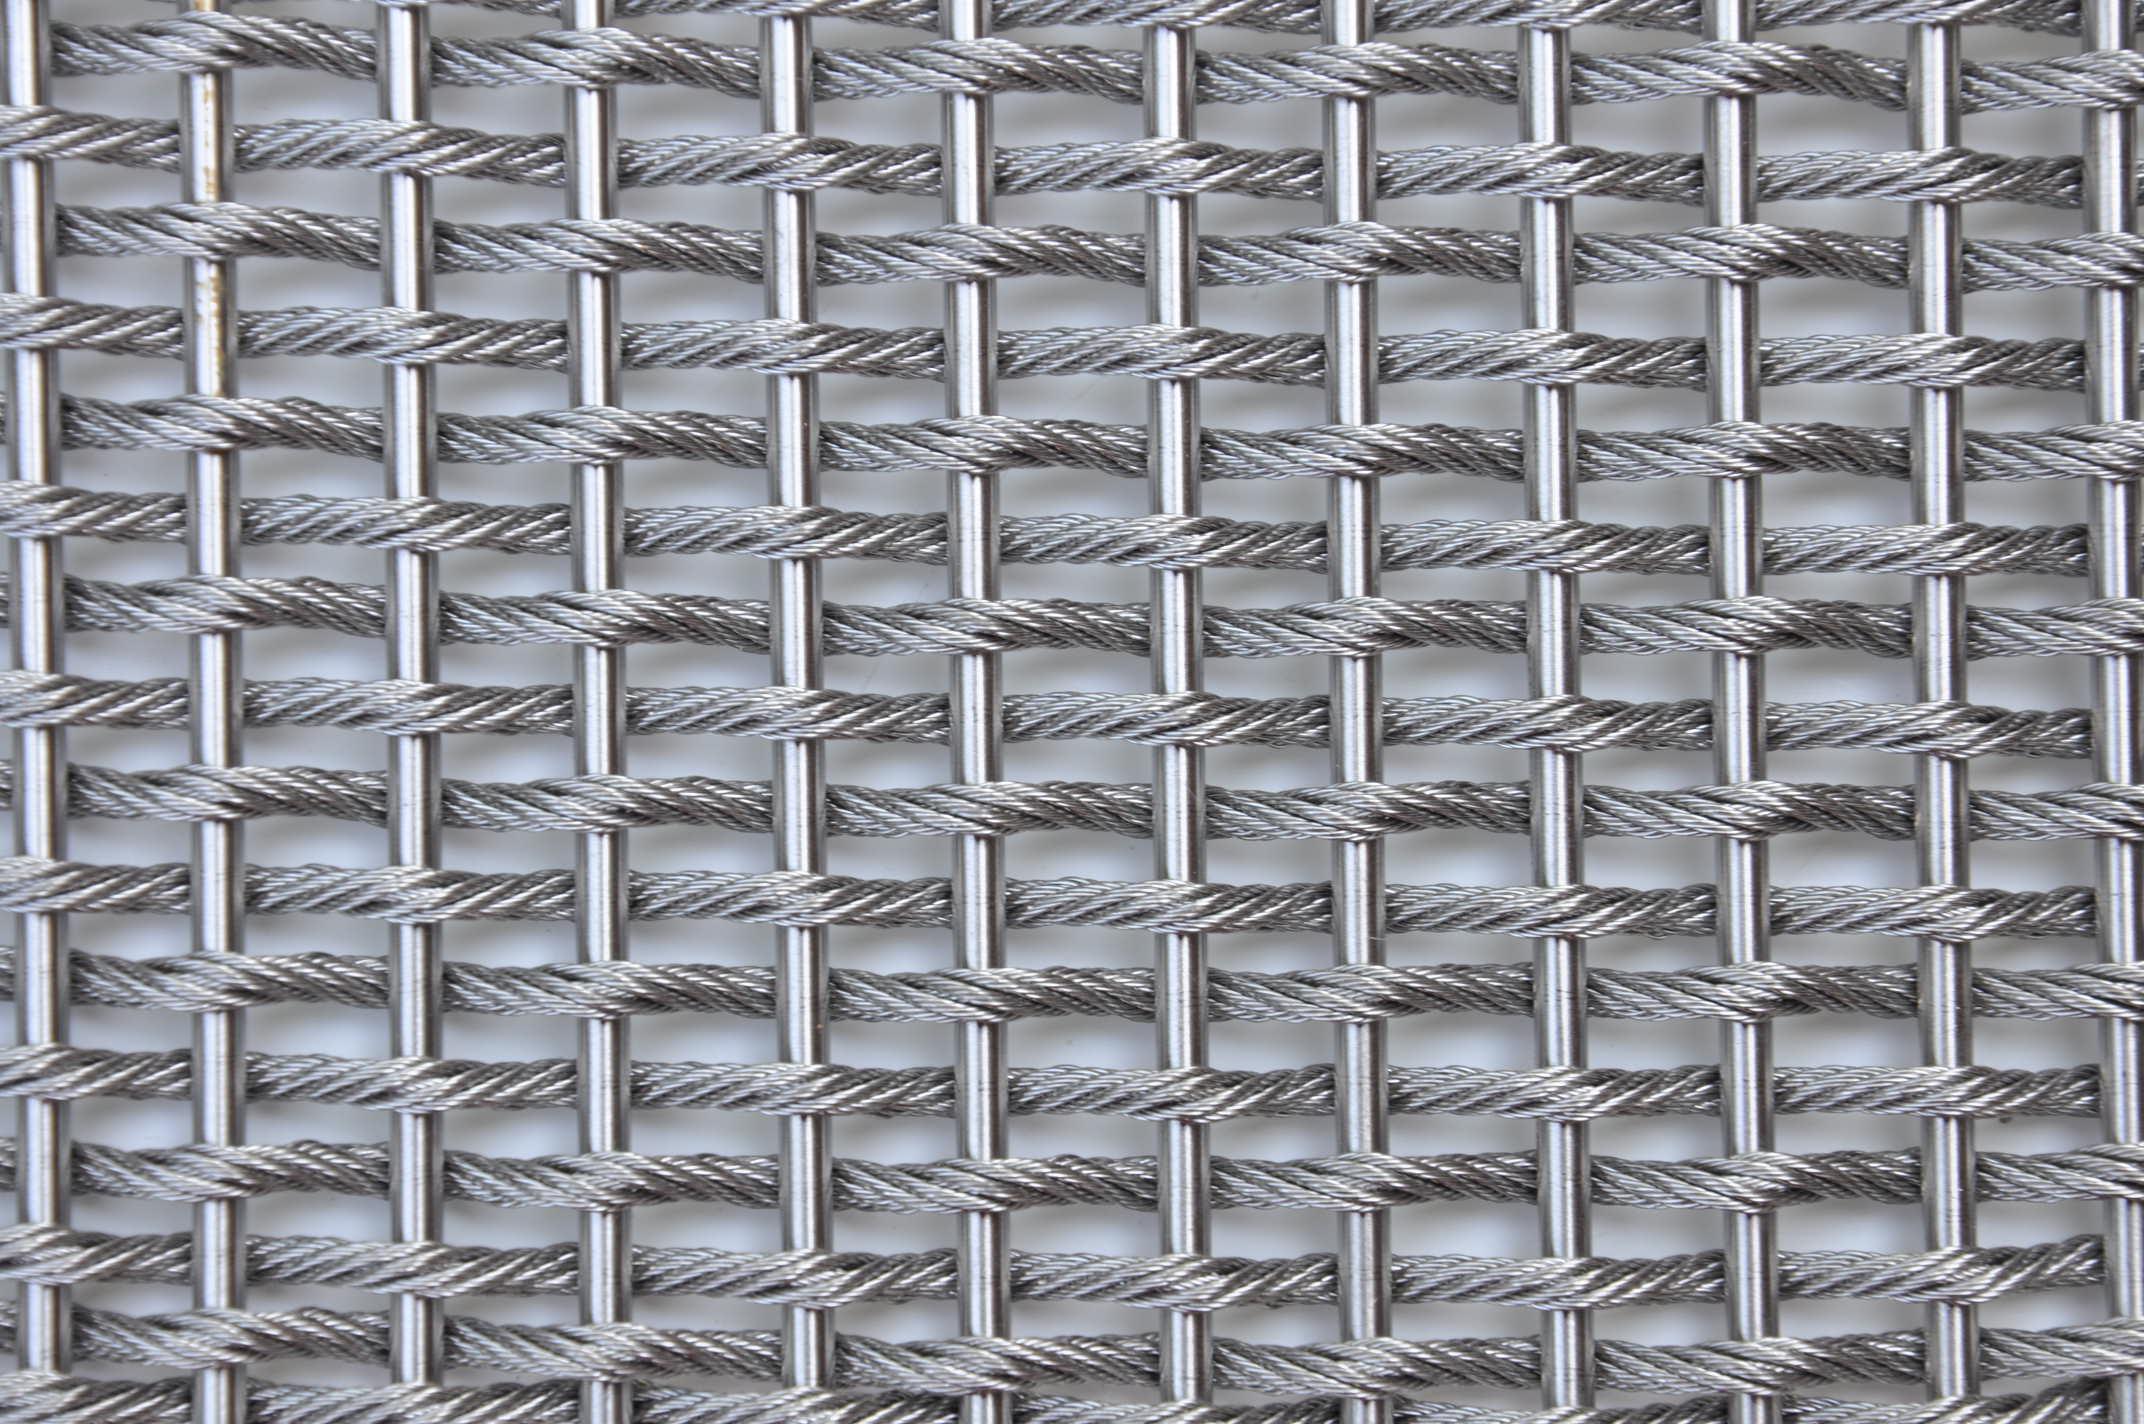 Malla metalica med 4002 orion planet Malla mosquitera metalica